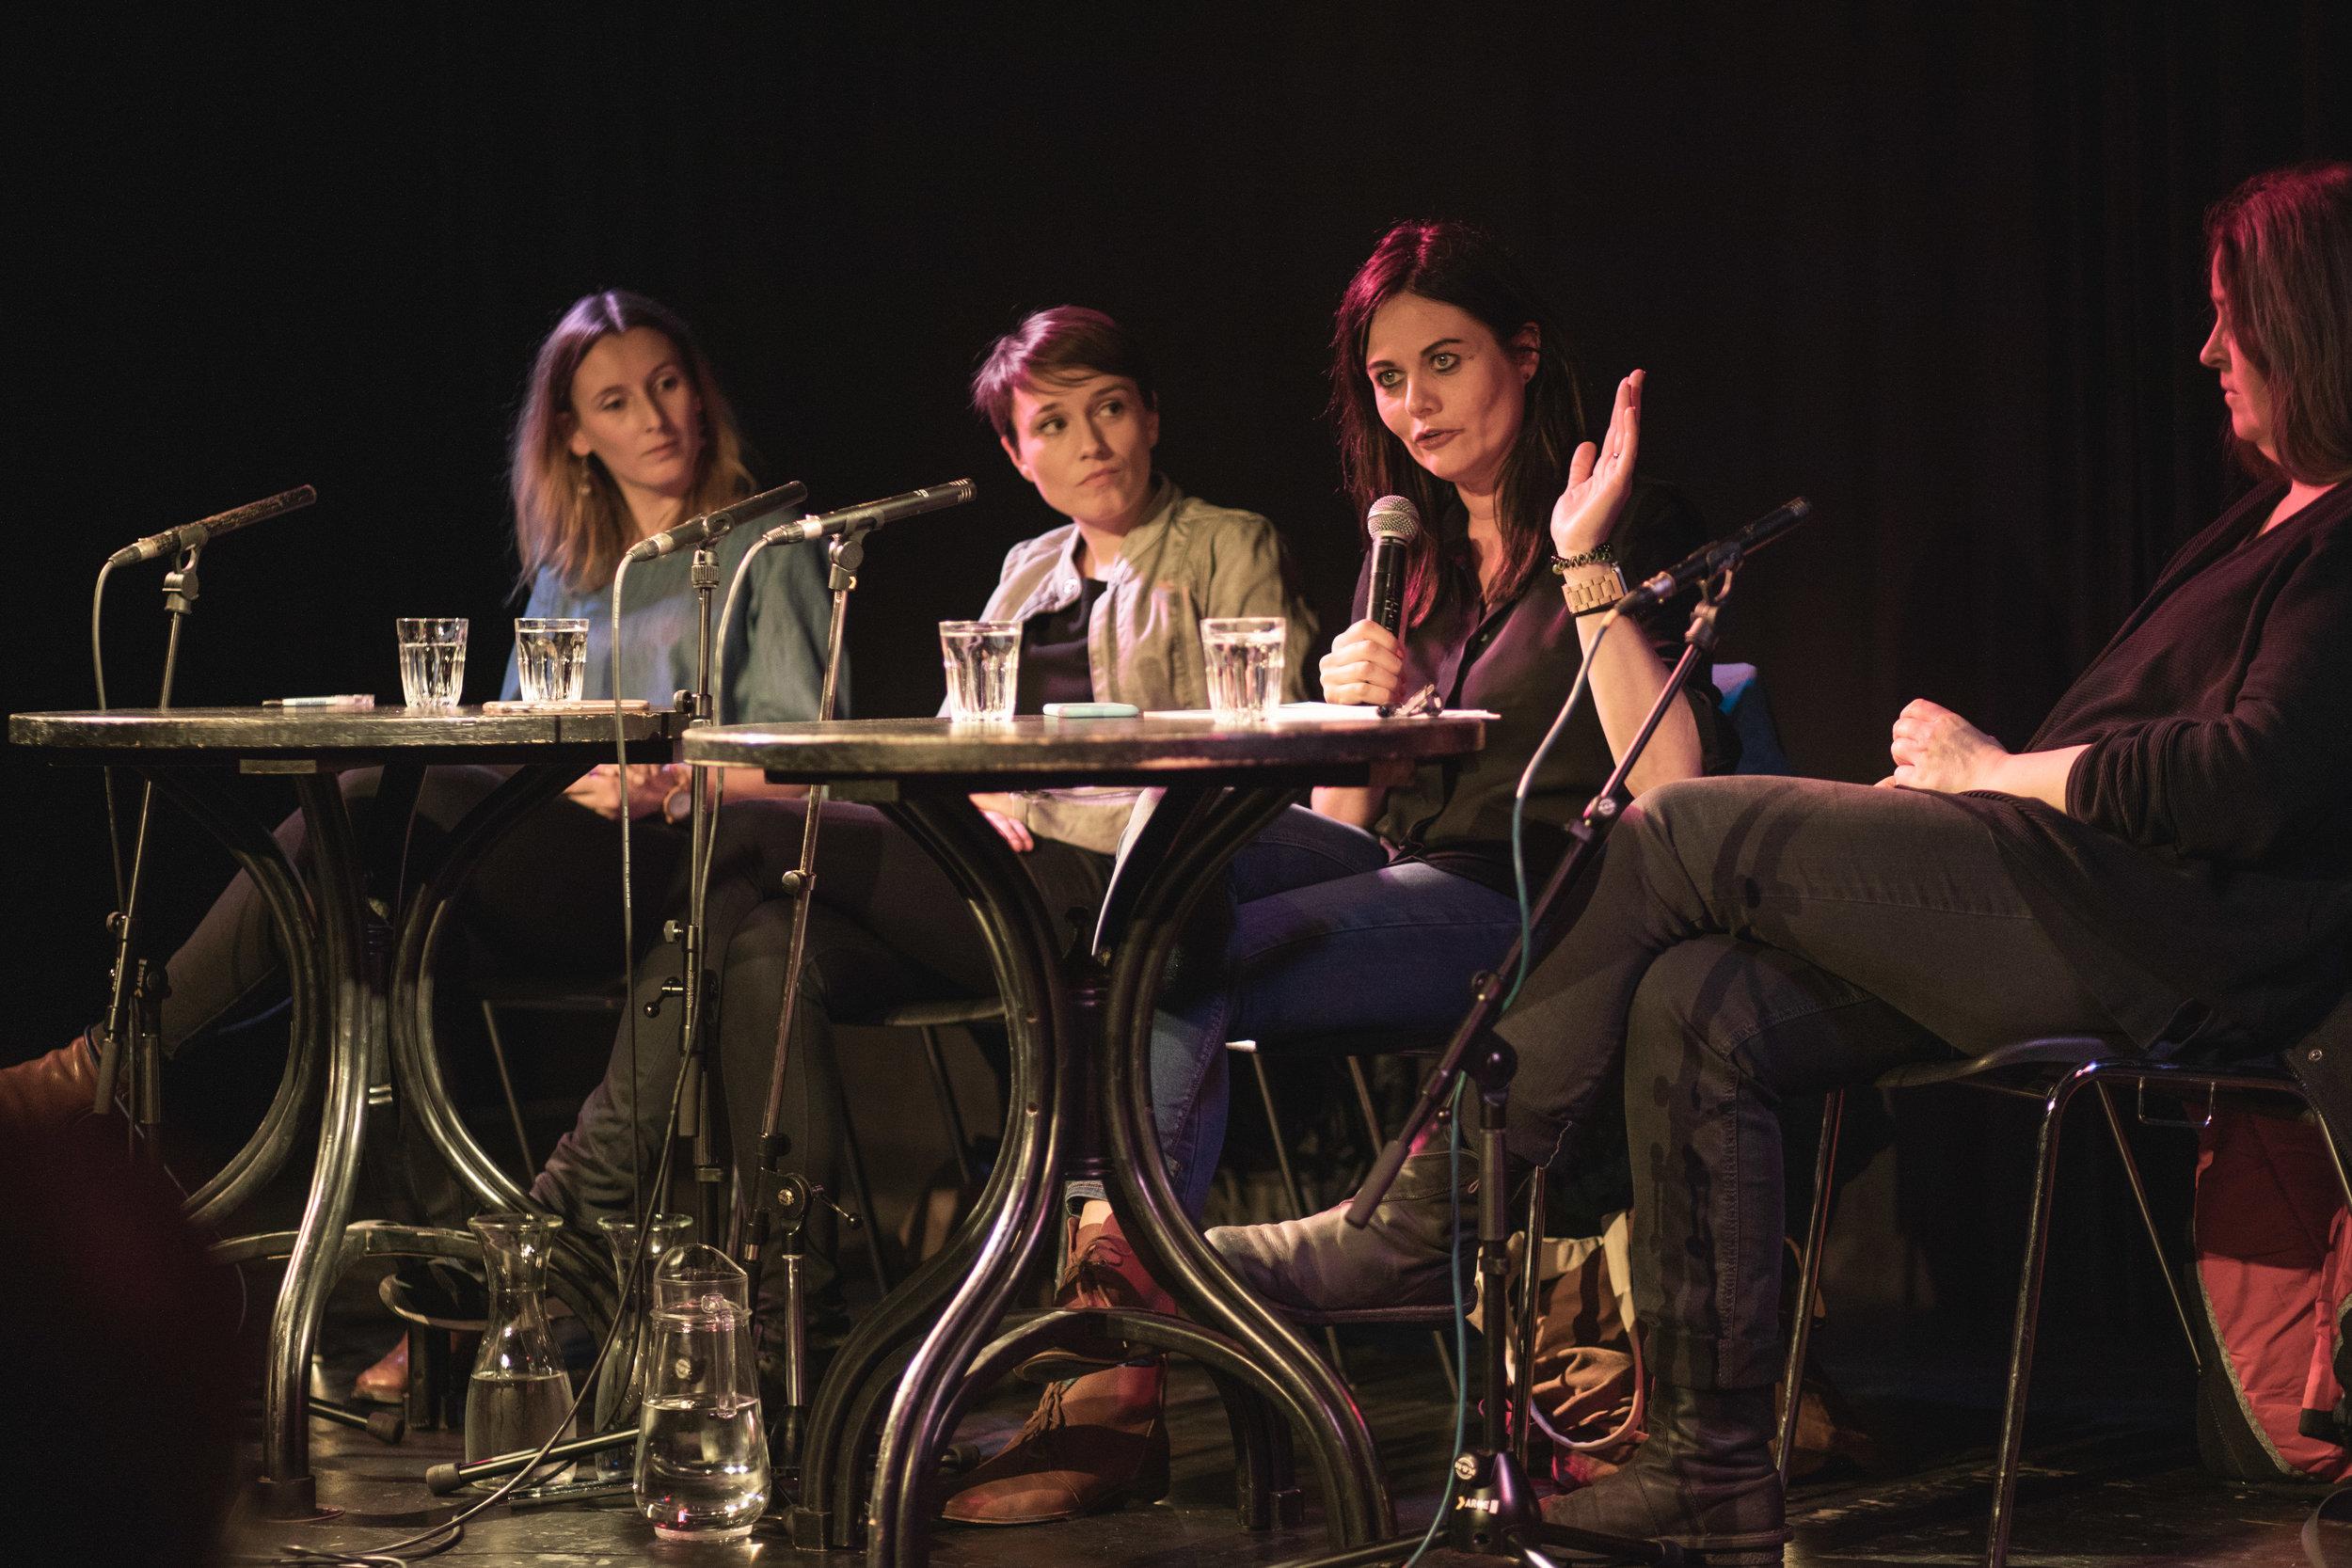 Die Podiumsteilnehmerinnen von links nach rechts: Kathrin Maier, Sigrid Maurer, Jolanda Spiess-Hegglin, Anne Roth Foto: Michael Grössinger